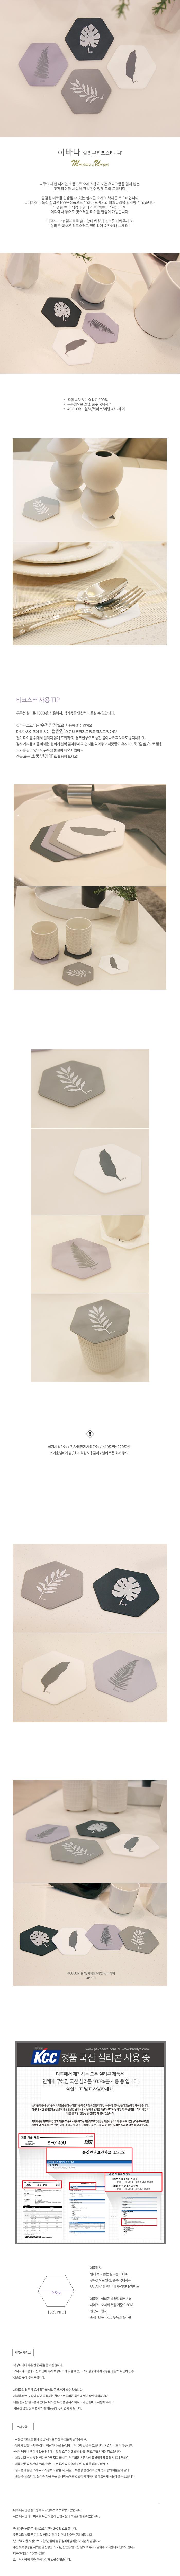 하바나 실리콘 티코스터 4P SET - 탭아트갤러리, 7,500원, 컵받침/뚜껑/홀더, 컵받침